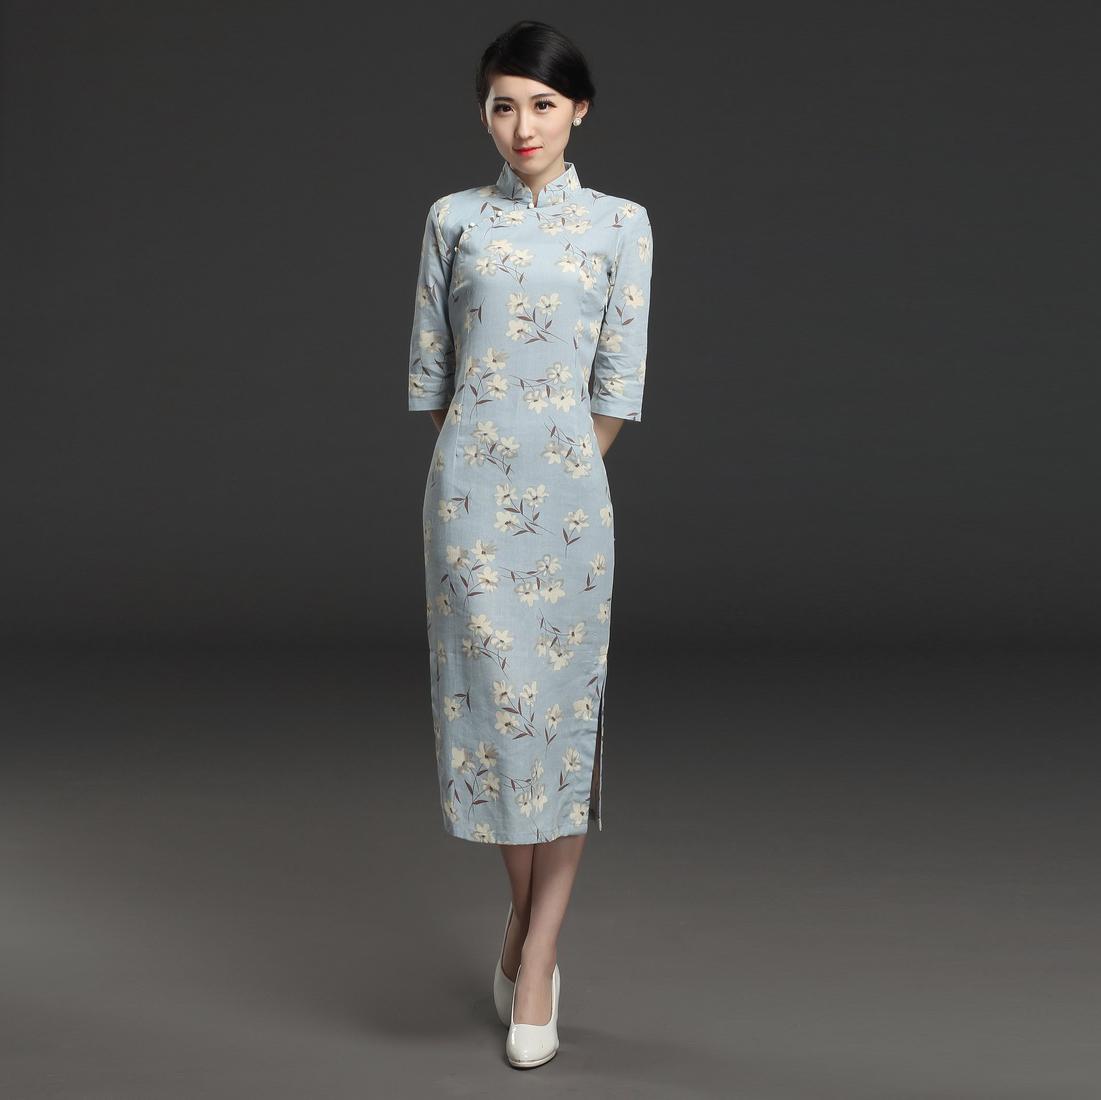 Ретро тонкий мода улучшение тонкий длинная модель cheongsam платье ежедневно cheongsam юбка летний костюм 2017 новый большой код